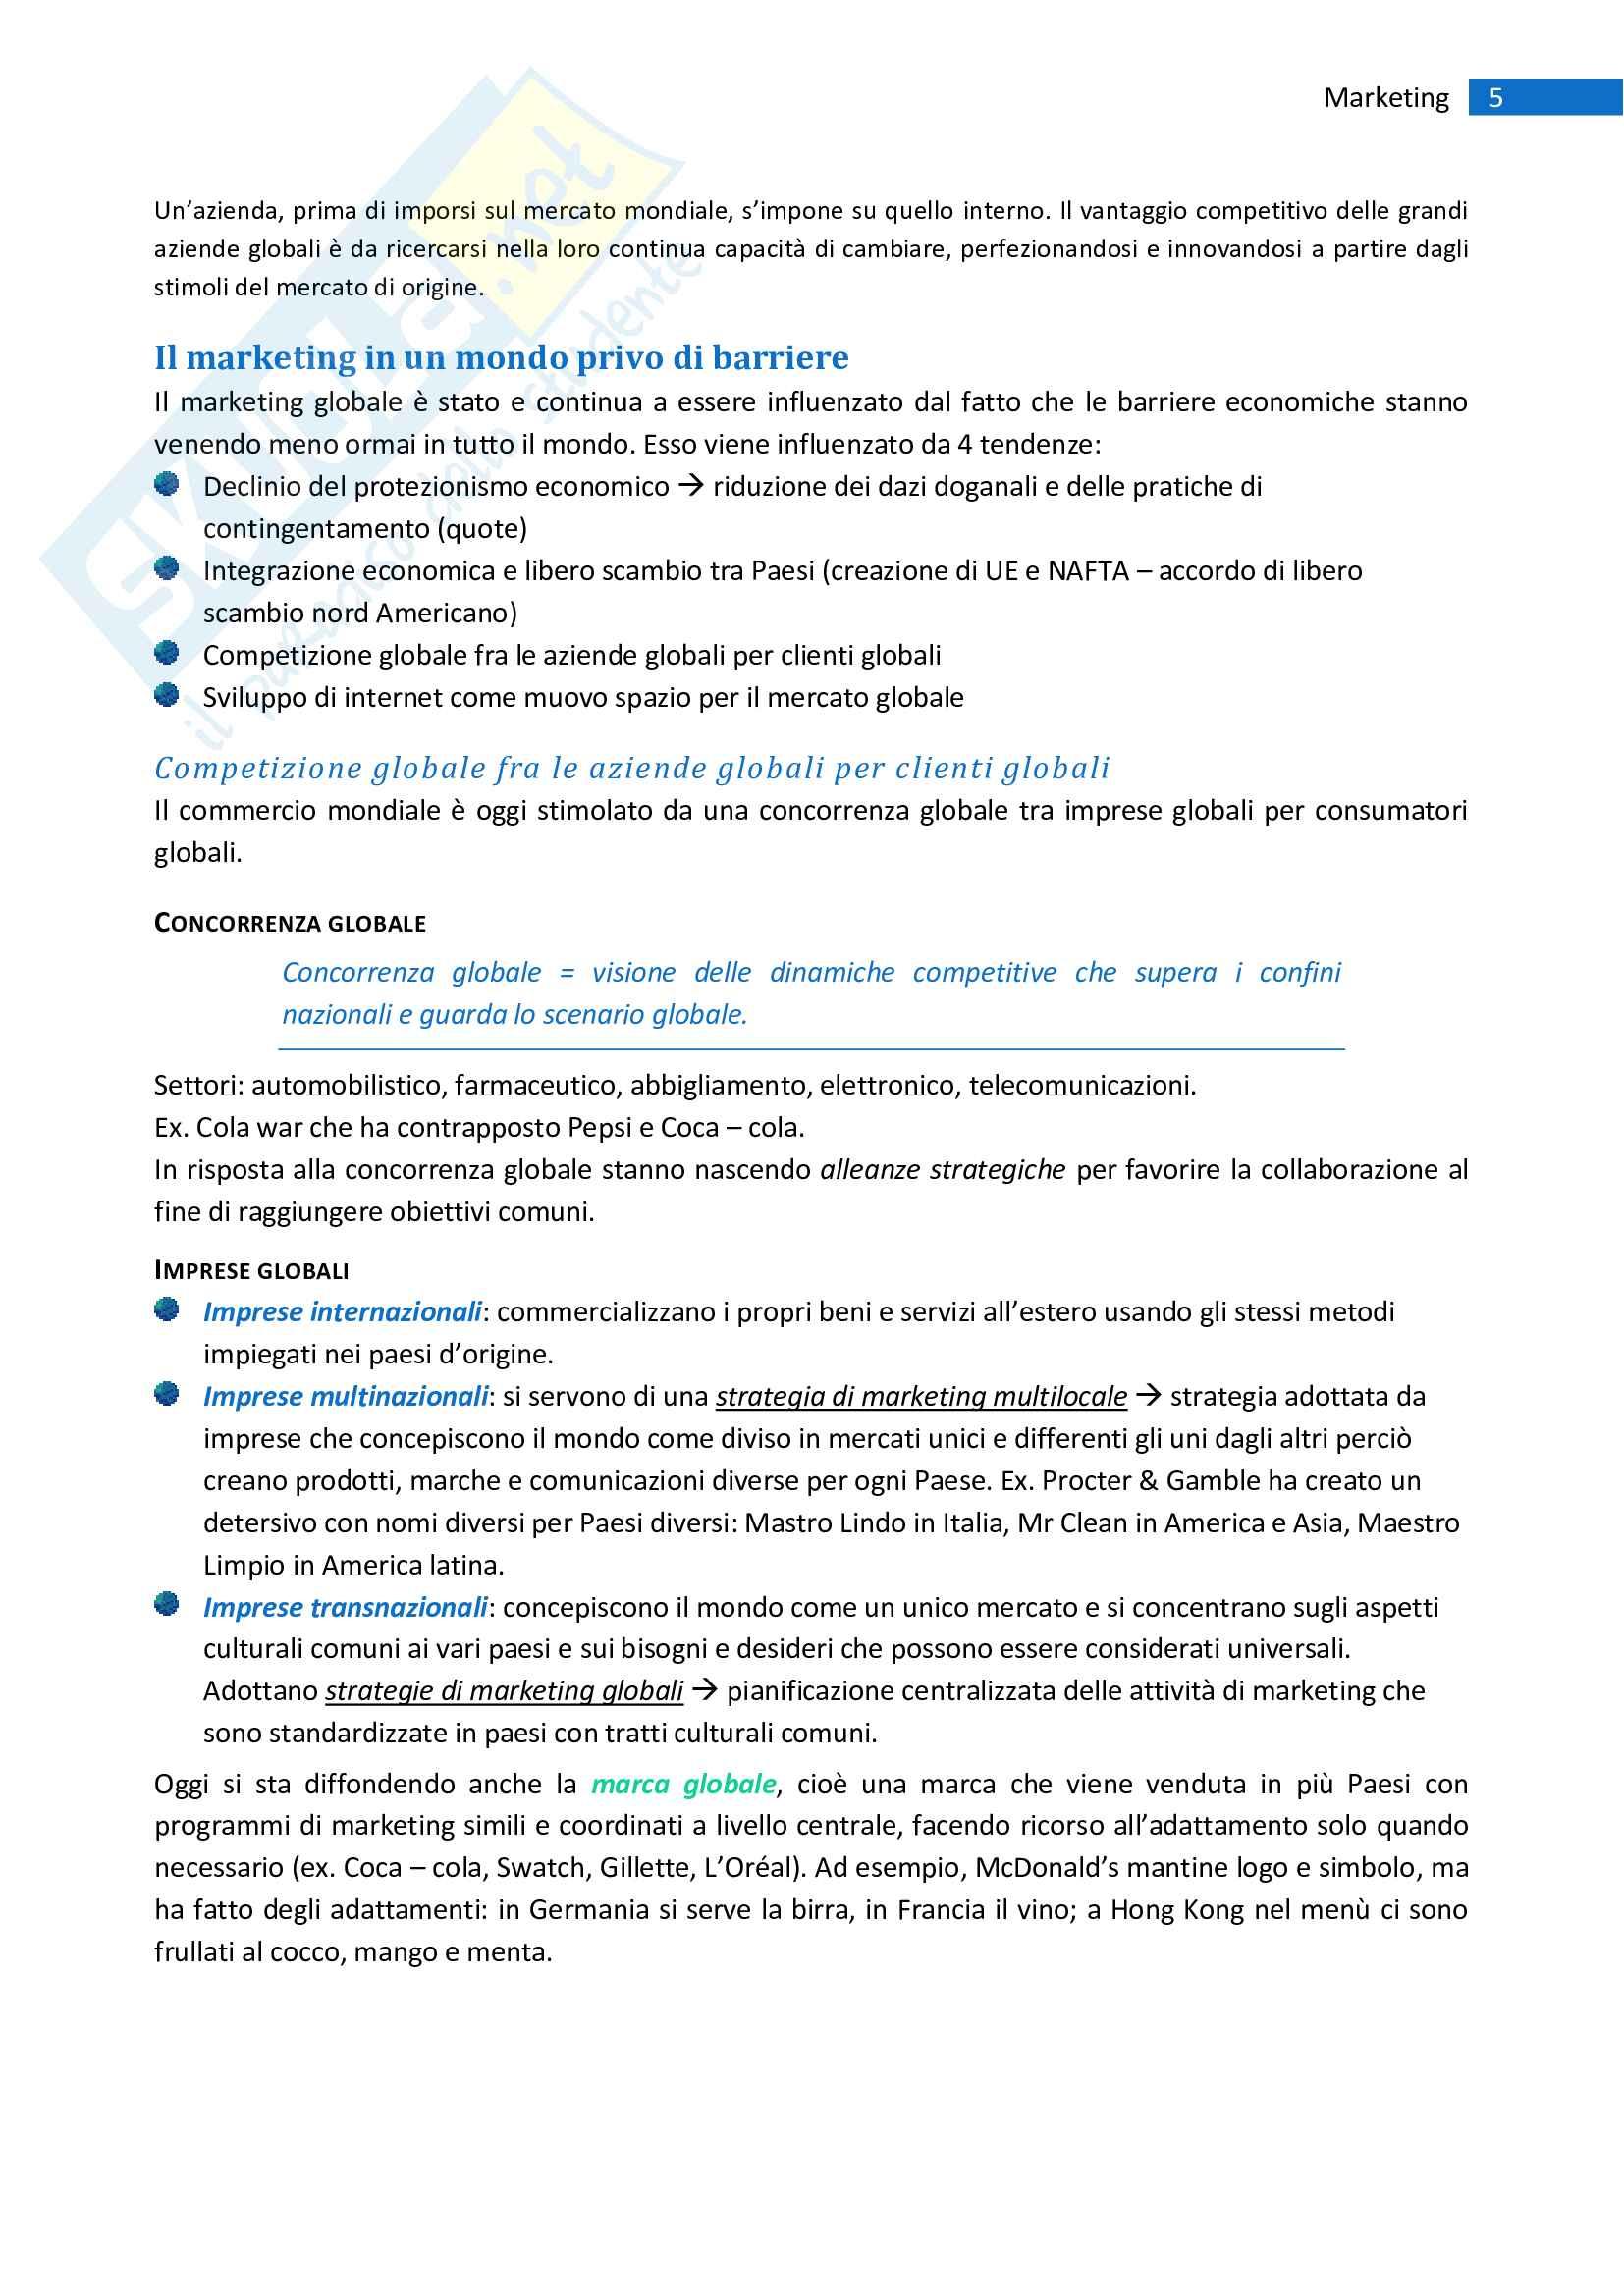 Riassunto Marketing esame marketing prof.Pellegrini Pag. 16